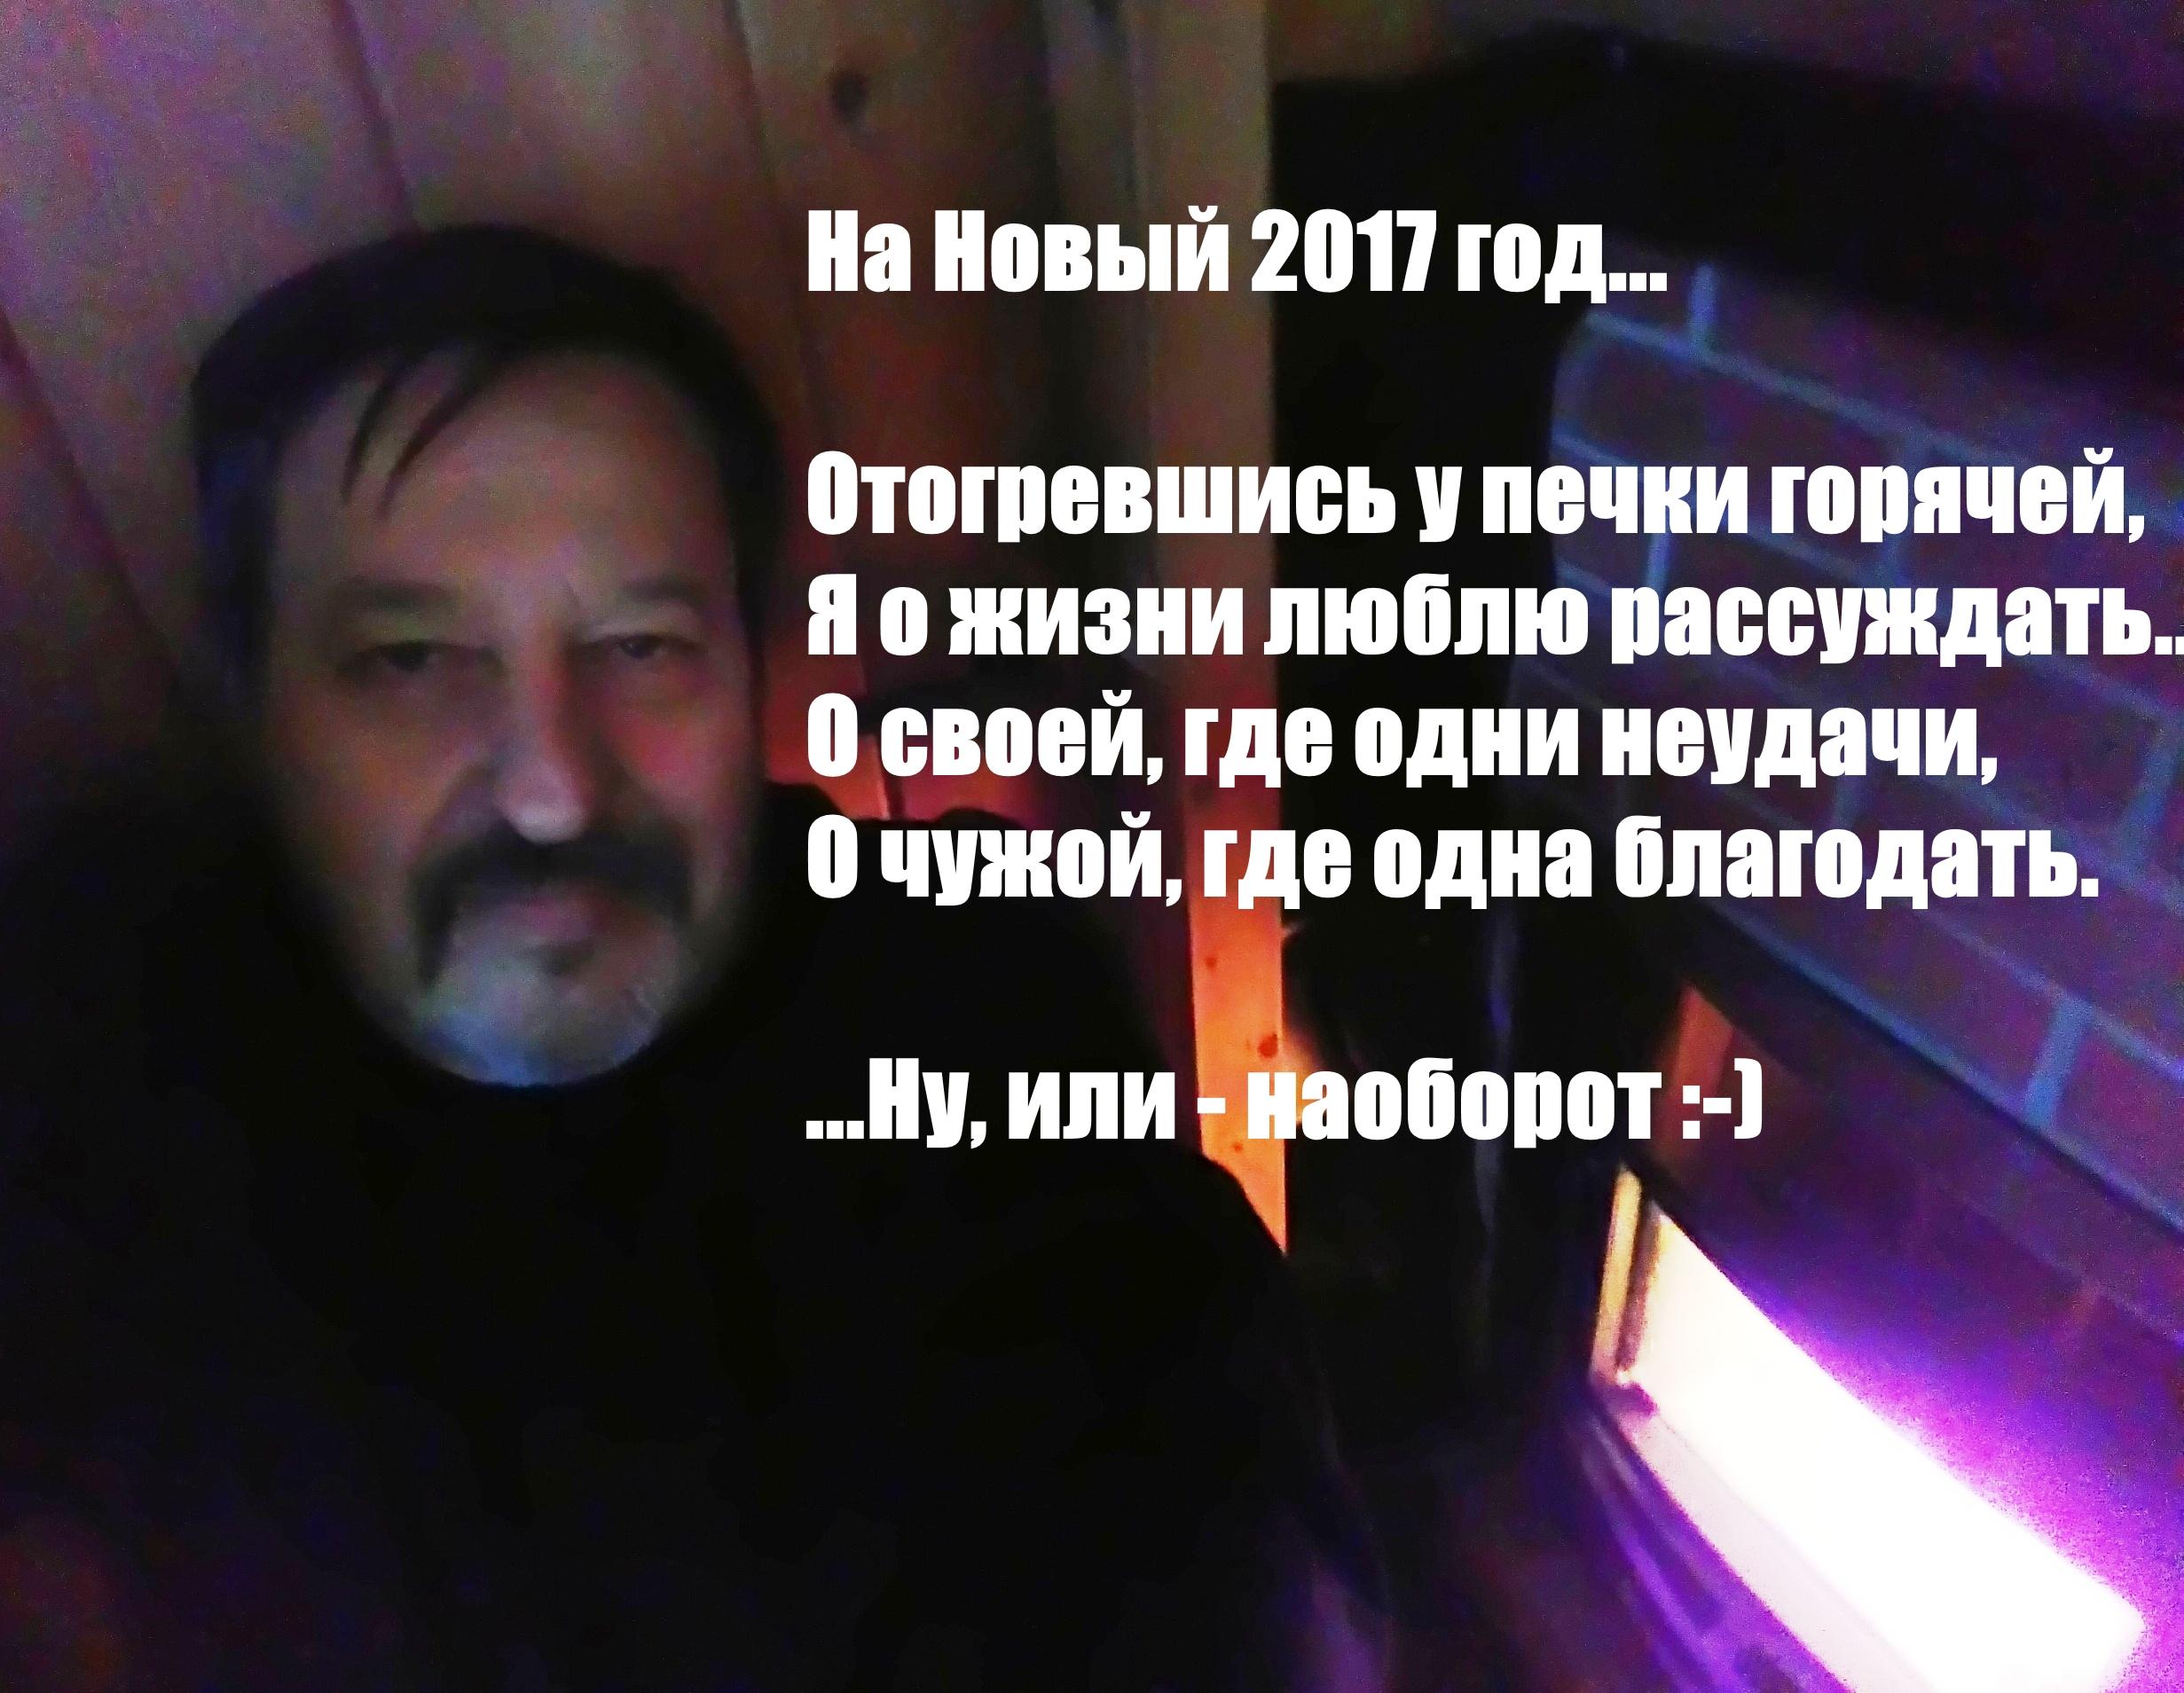 Николай Прокофьев: Тот самый случай